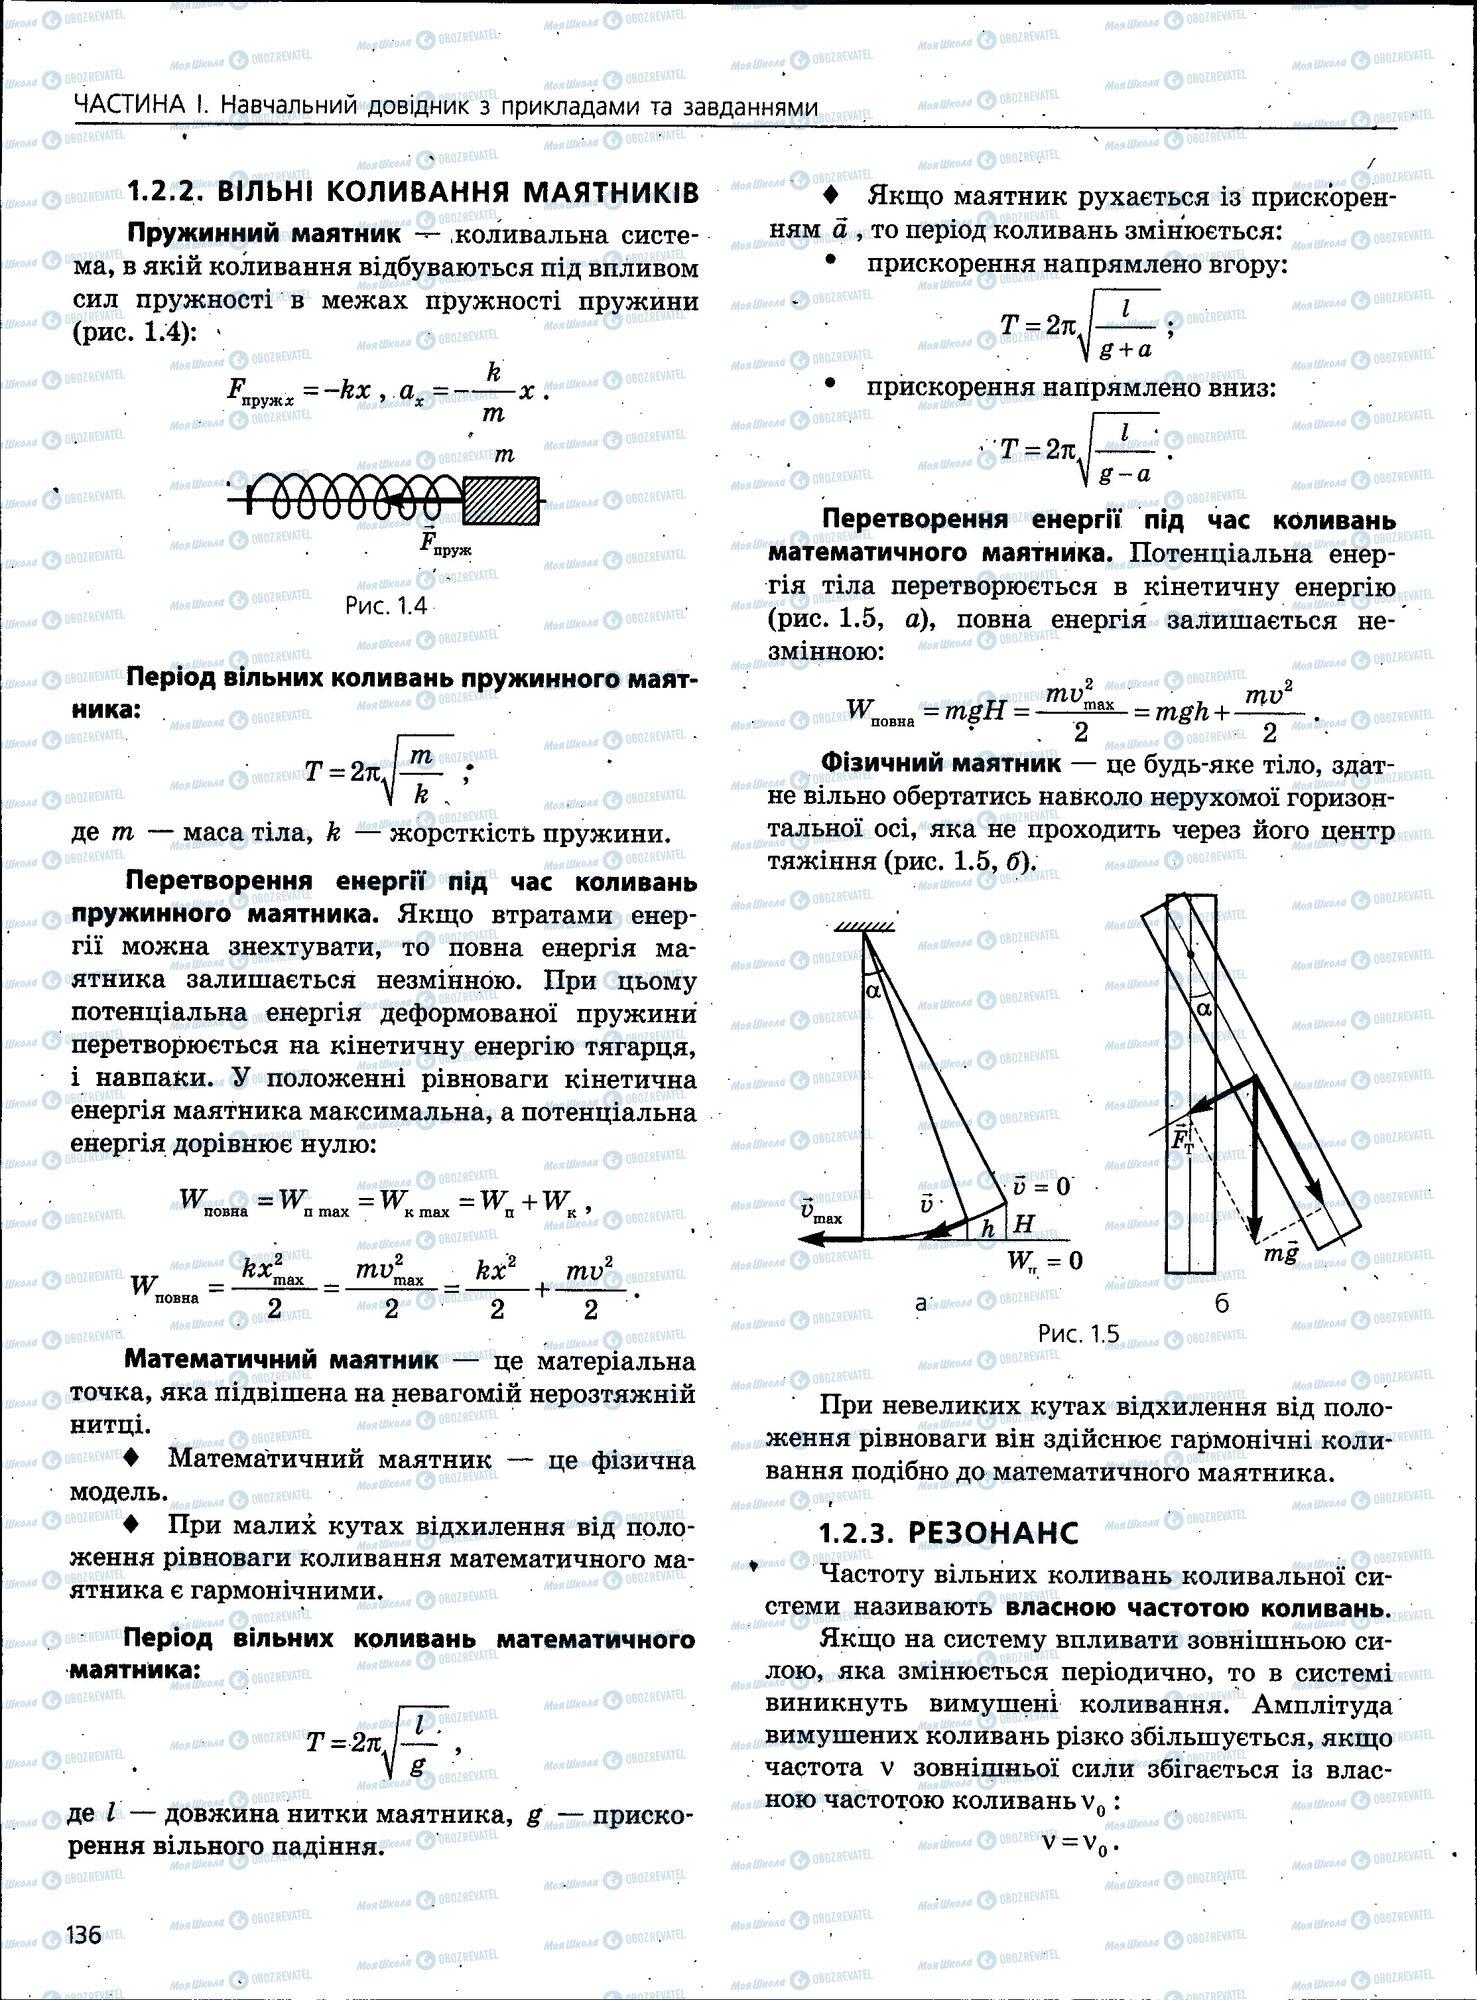 ЗНО Физика 11 класс страница 136